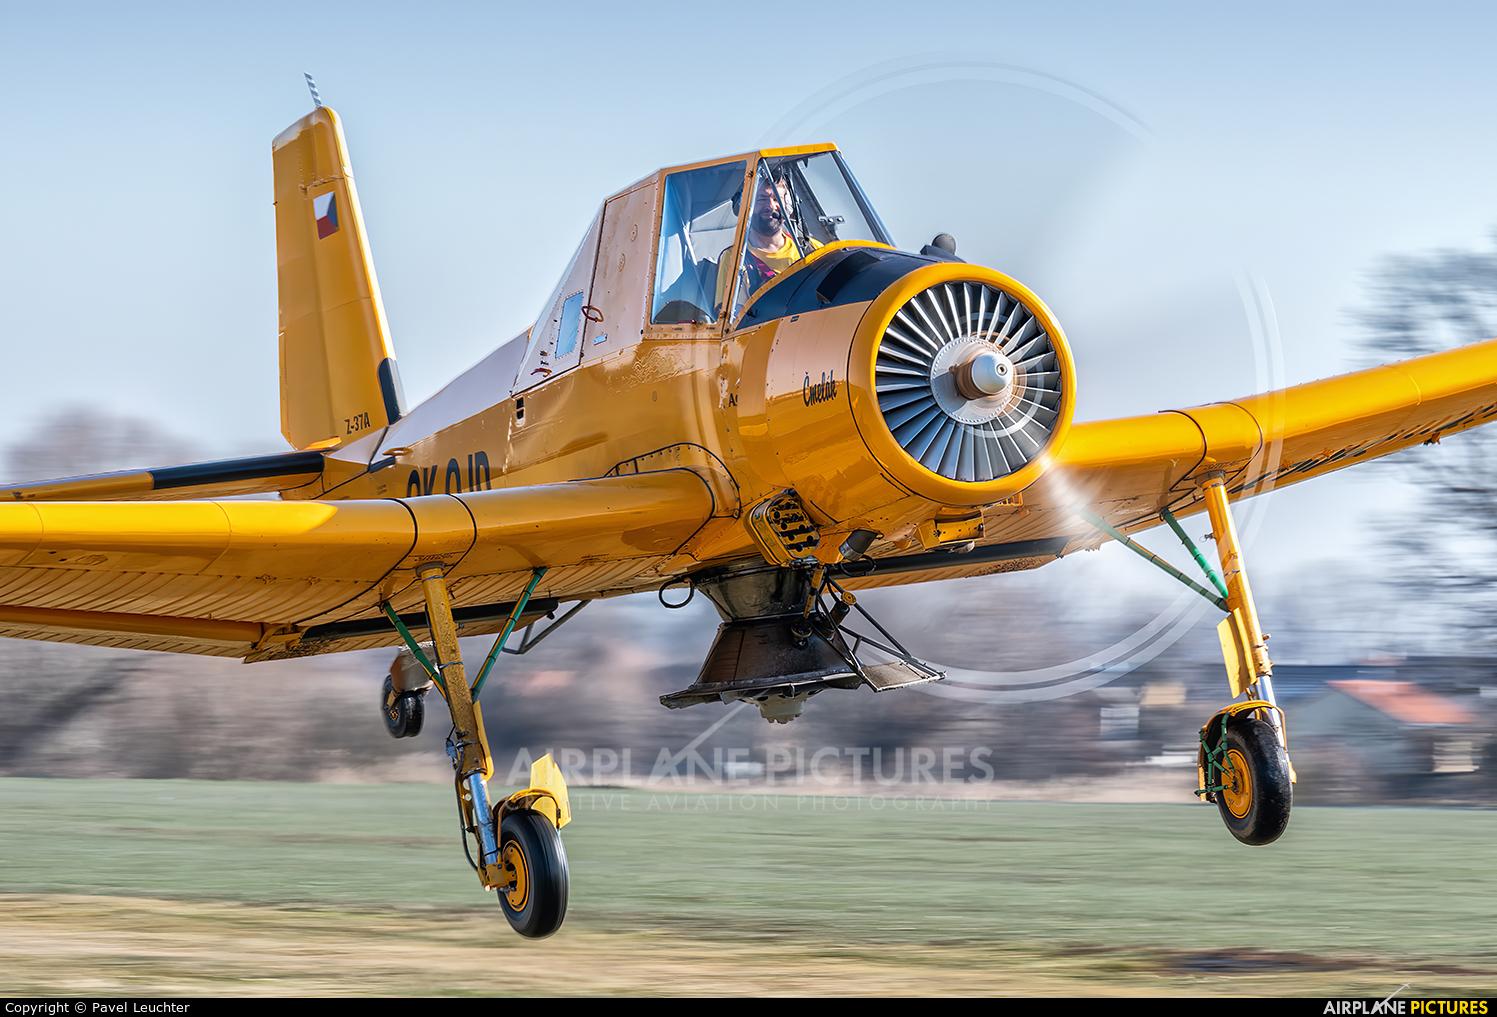 Agroair OK-OJD aircraft at Off Airport - Czech Republic